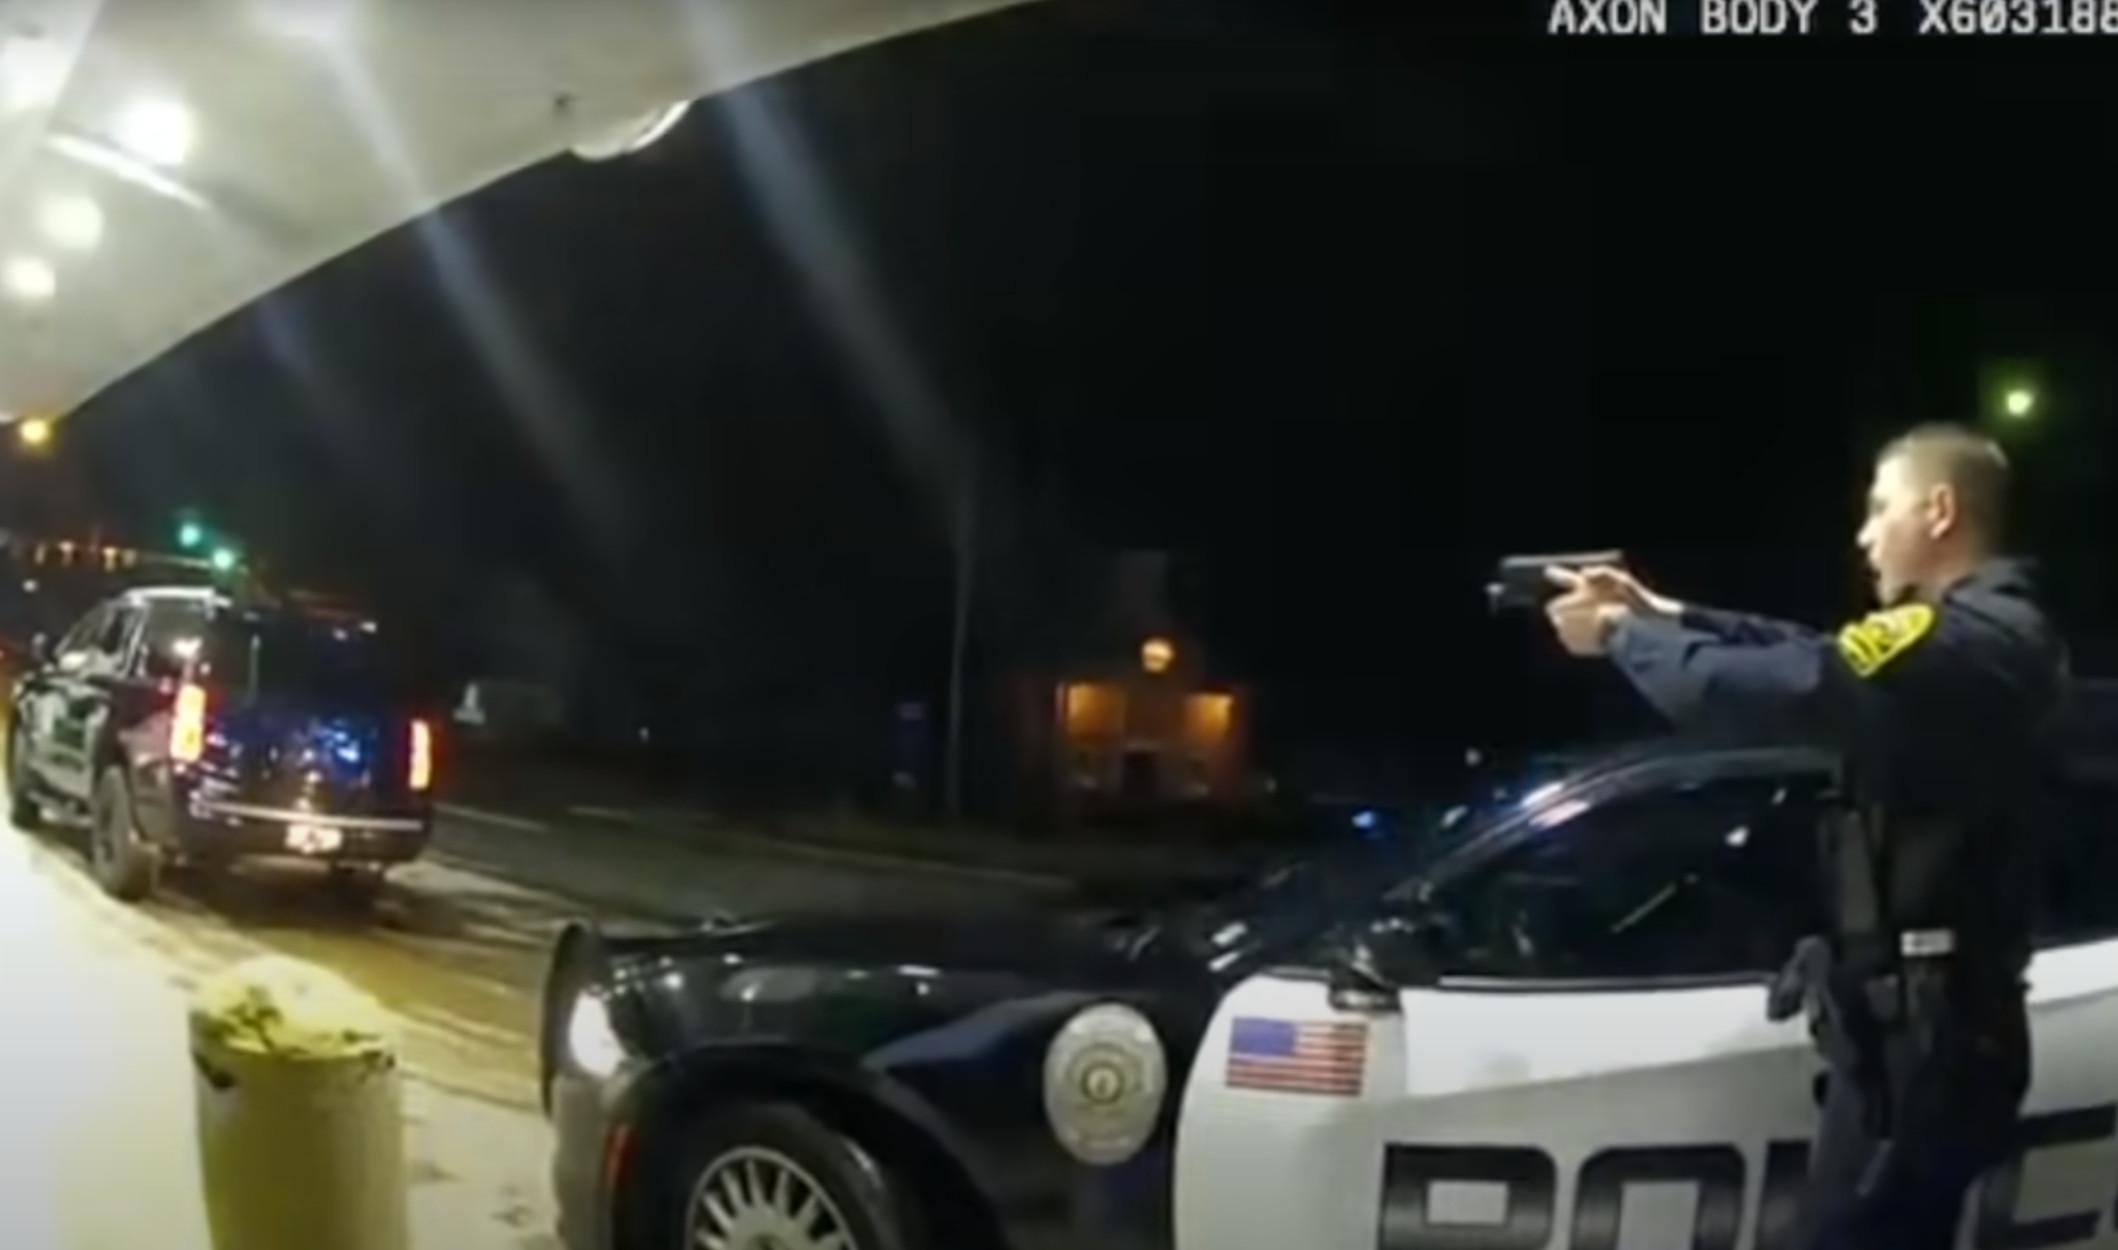 Βιρτζίνια: Αποπέμφθηκε ο ένας αστυνομικός για την επίθεση σε αφροαμερικανό σε έλεγχο της τροχαίας